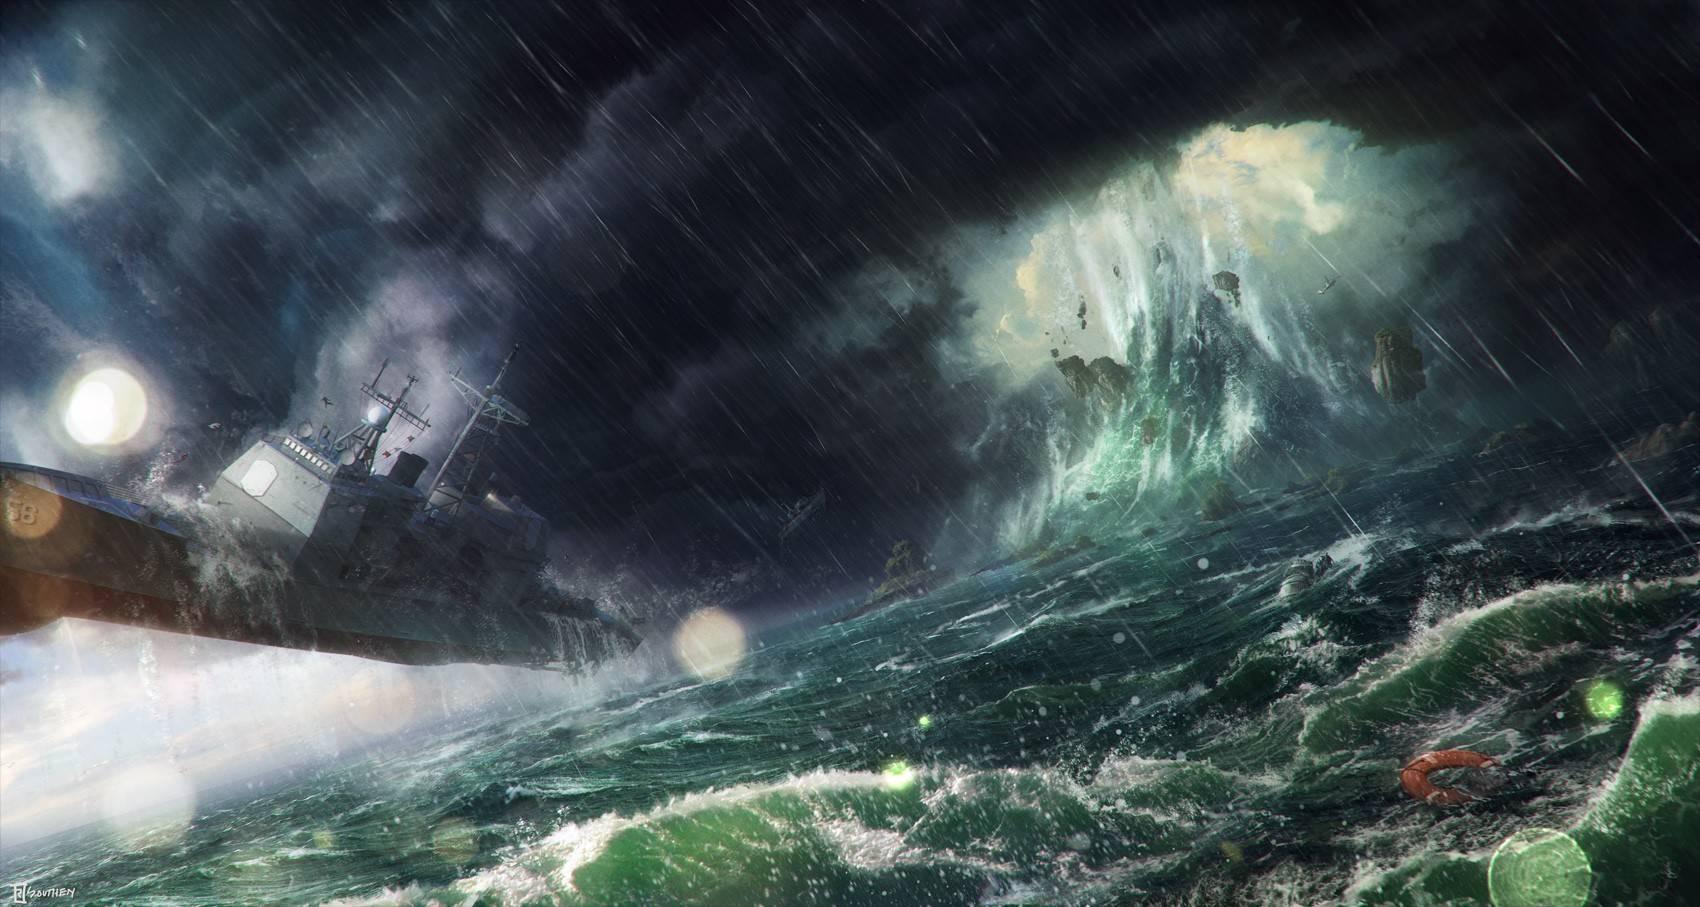 image gallery ocean storm wallpaper